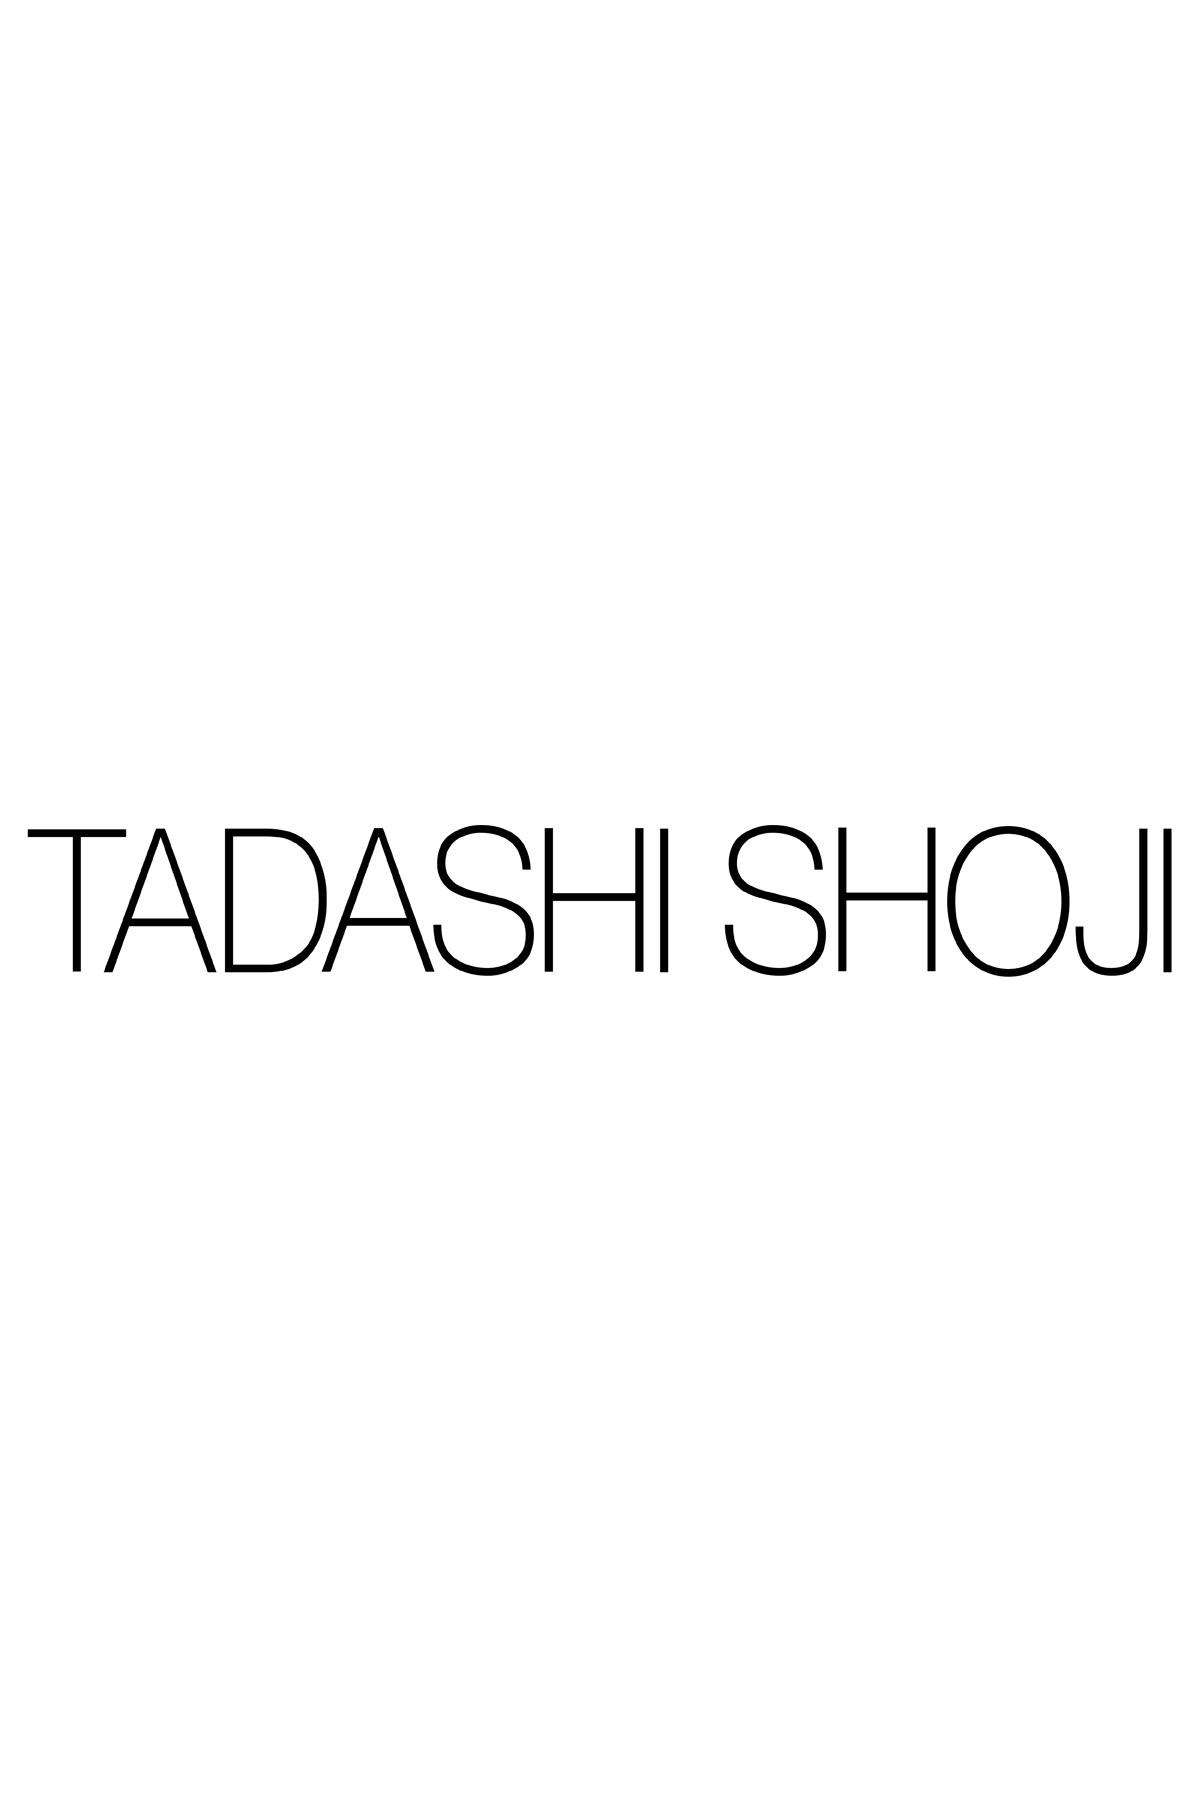 Tadashi Shoji Plus Size Detail - Madaline Gown